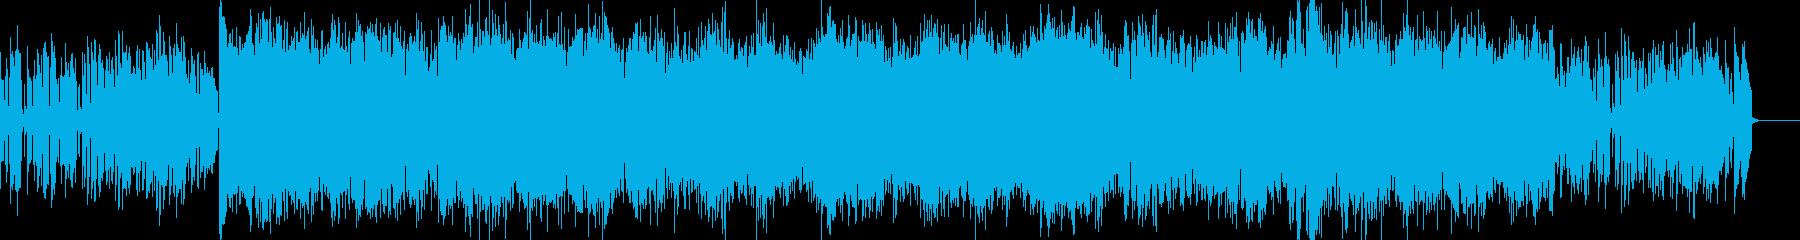 メロウで都会的なヴァイオリン・ハウスの再生済みの波形